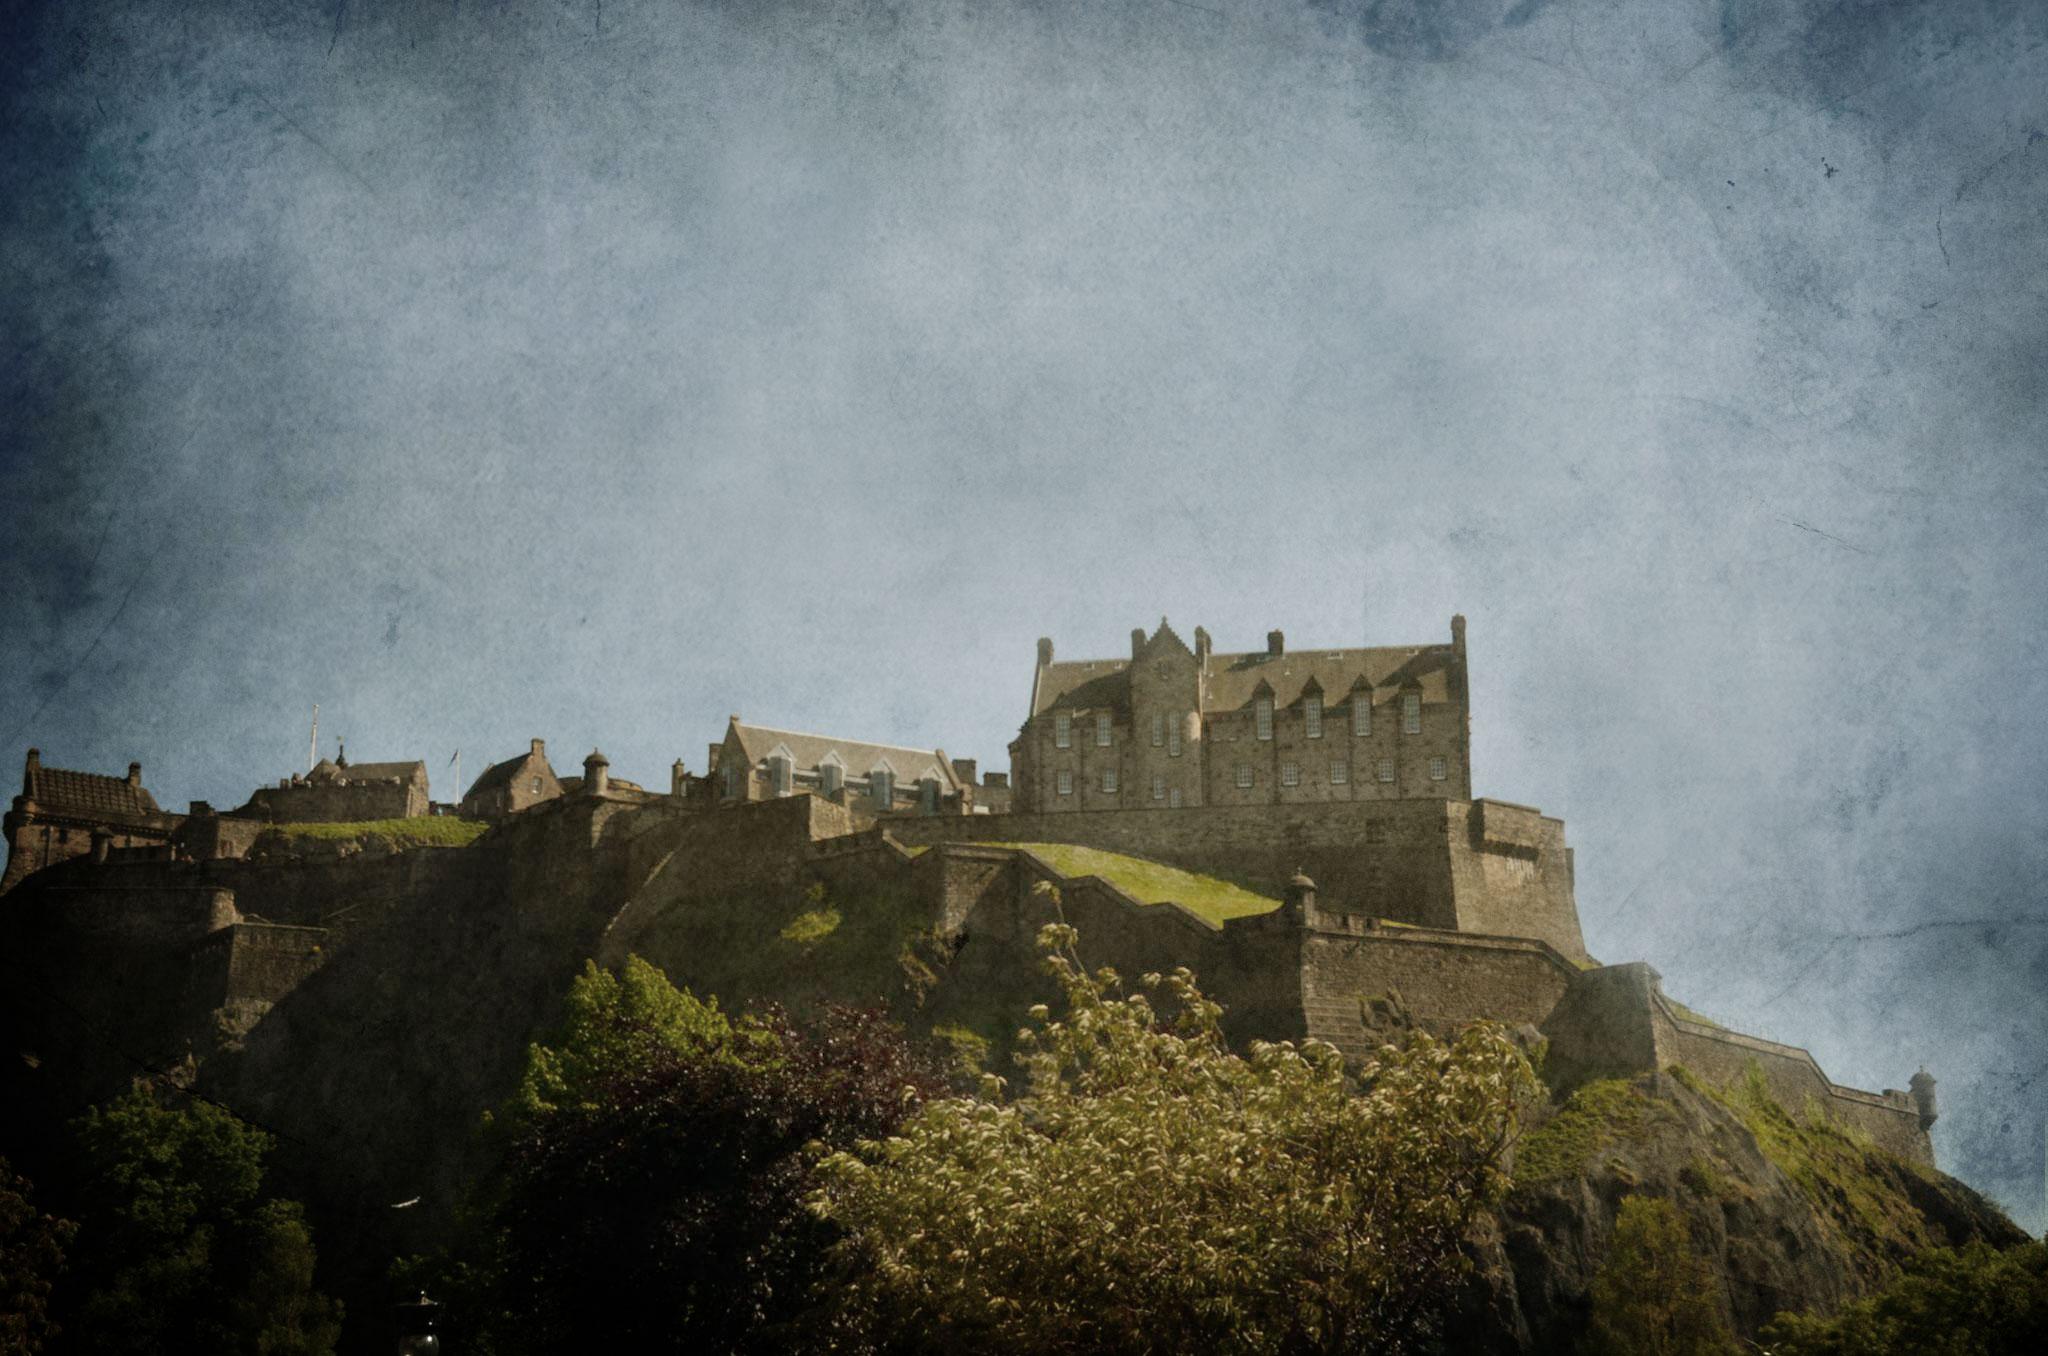 edinburgh-castle-landscape-photography